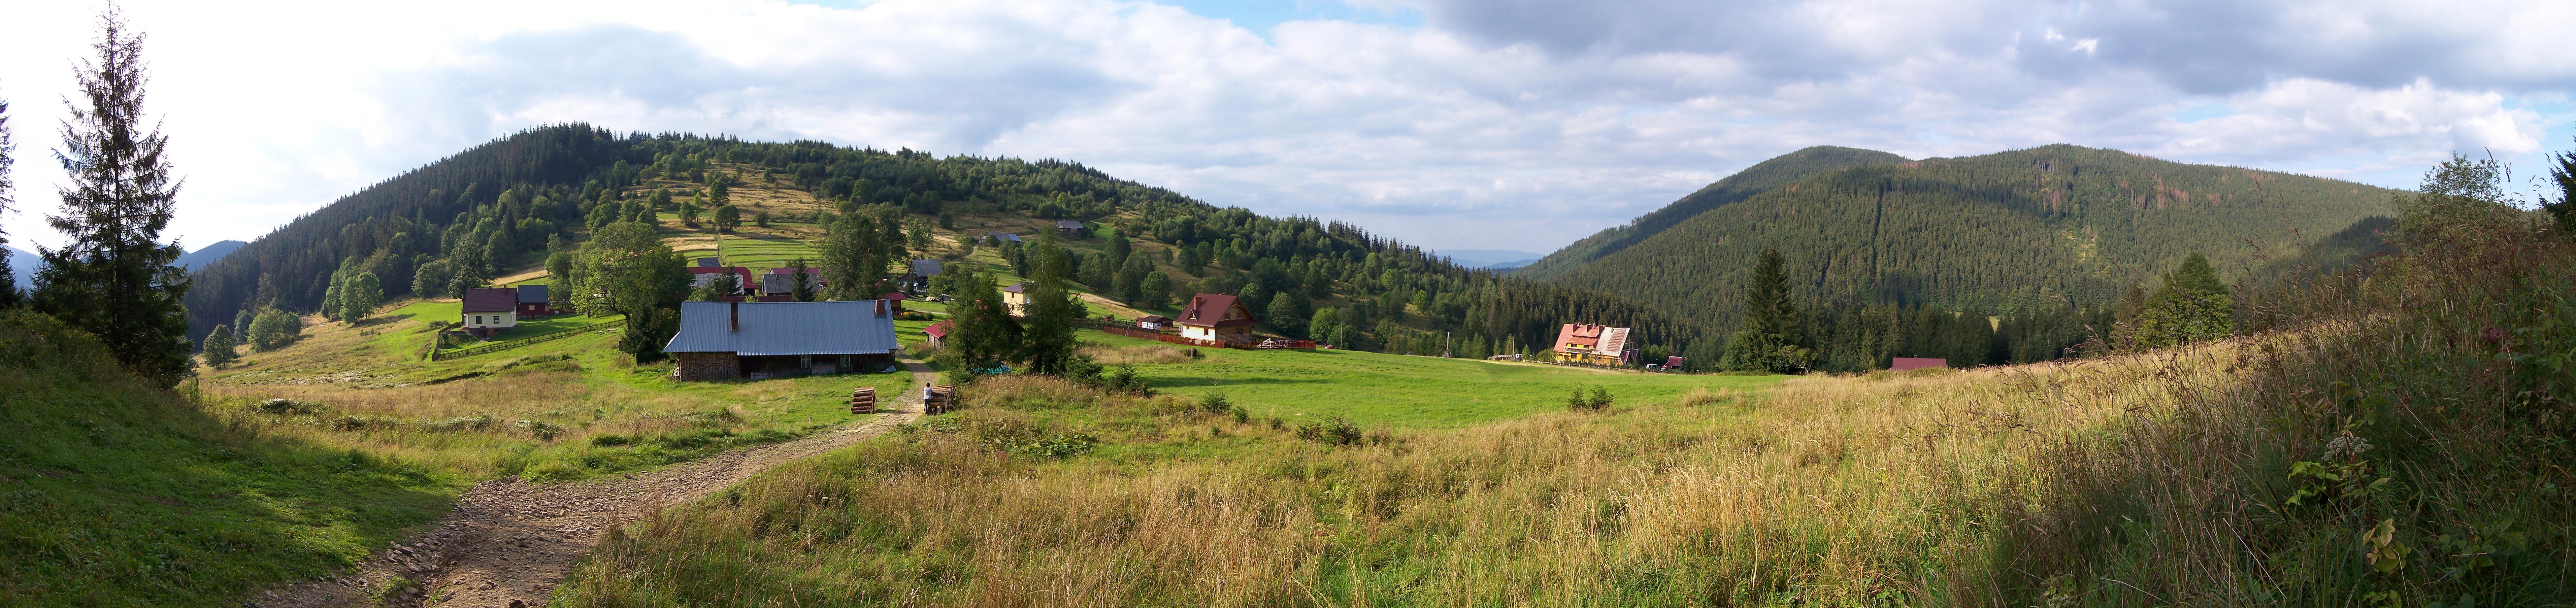 Panorama Mładej Hory z widokiem na Kiczorkę, Muńcuł i Kotarz (źródło: wikipedia)